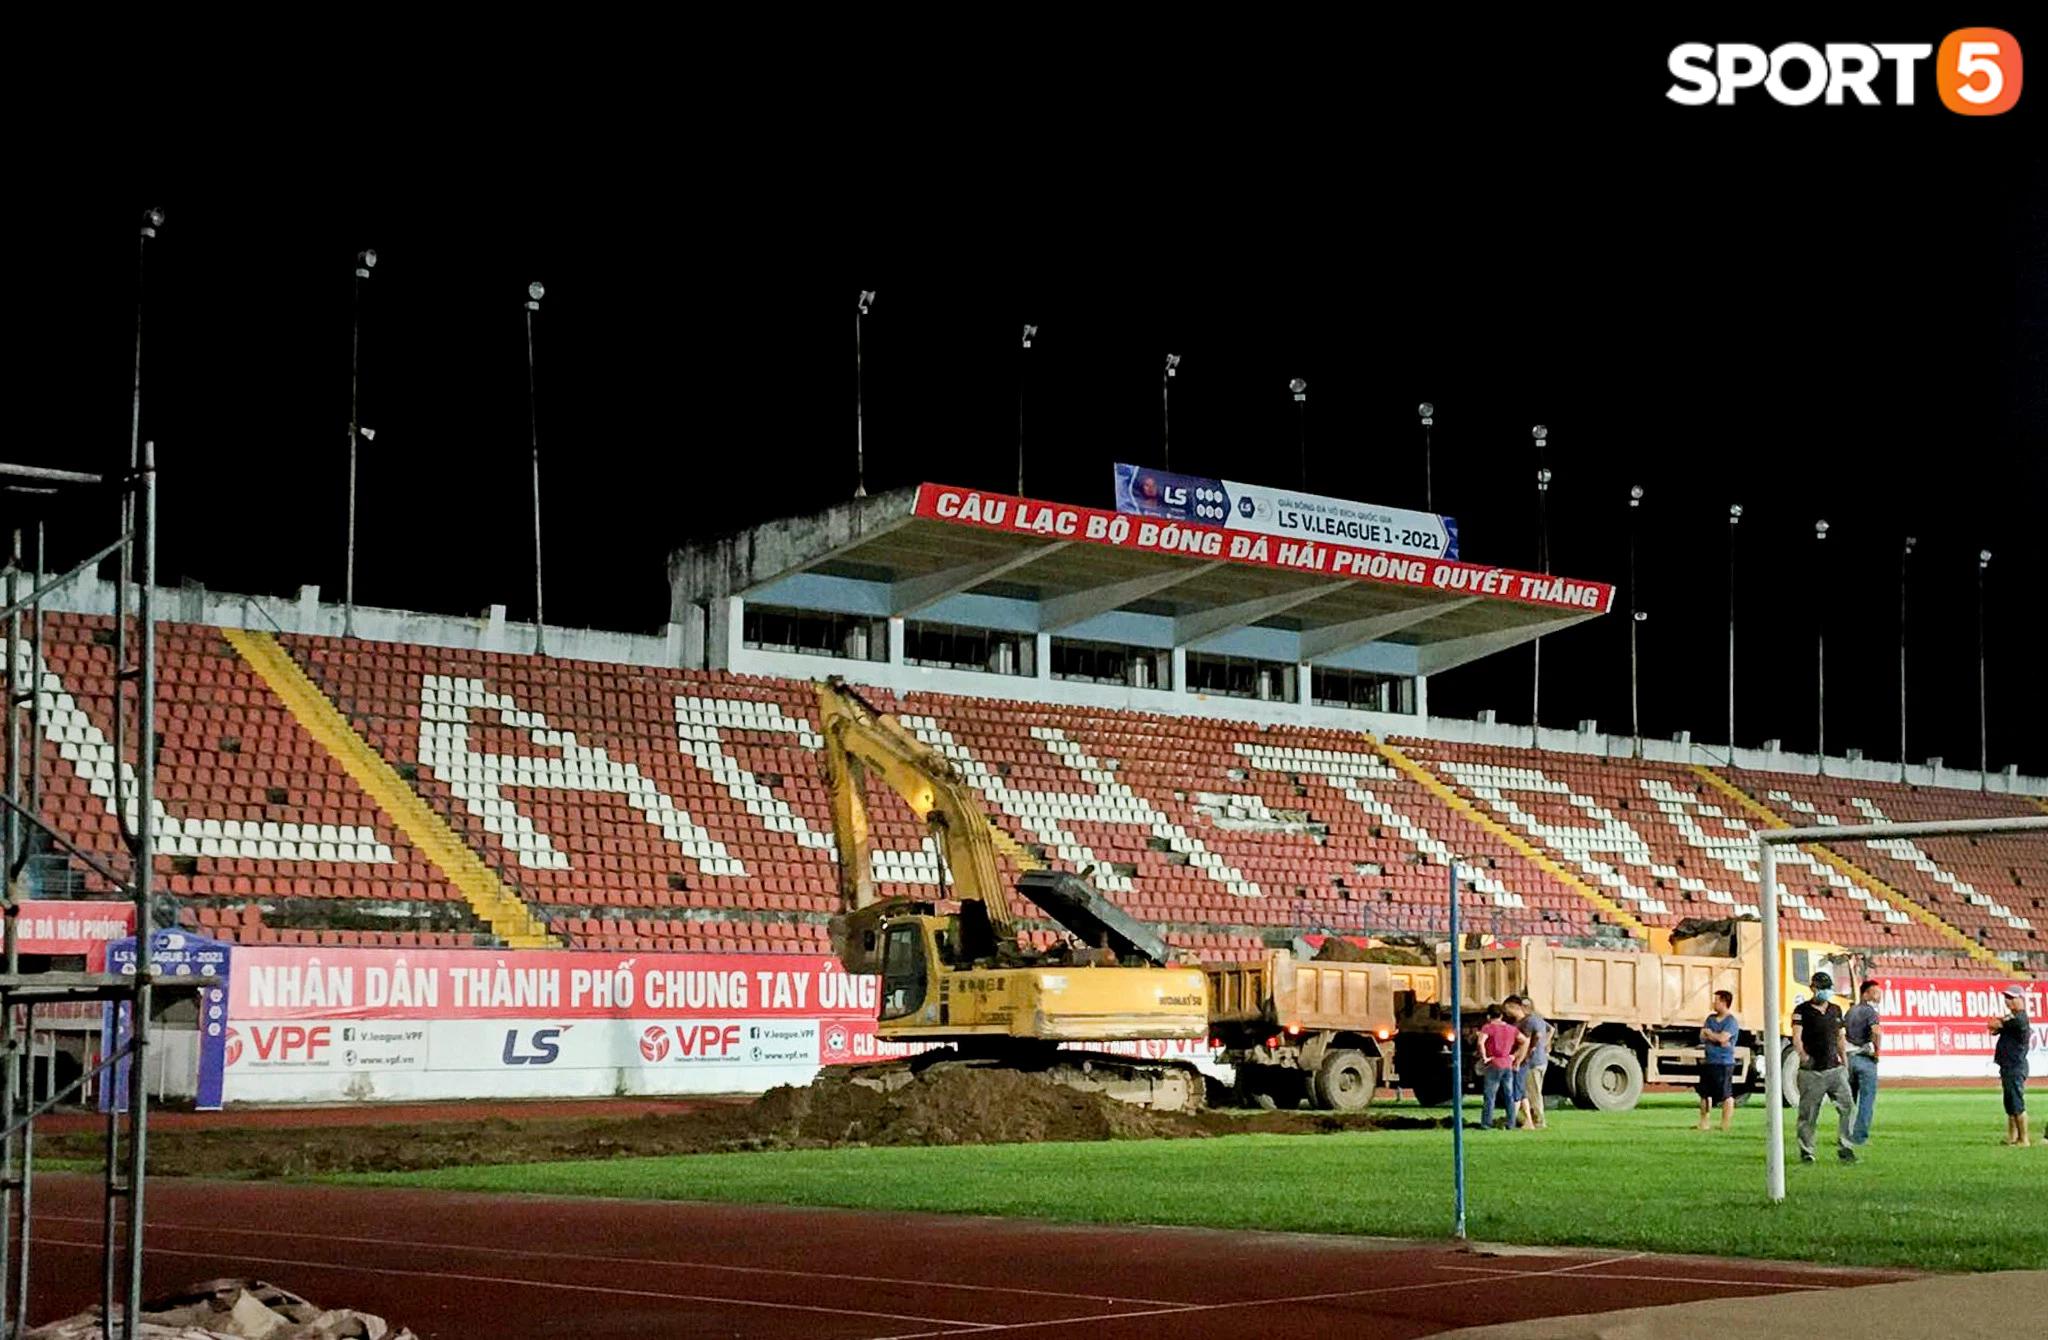 SVĐ Lạch Tray bắt đầu dự án cải tạo mặt sân hàng chục tỷ đồng ngay trong đêm - Ảnh 2.